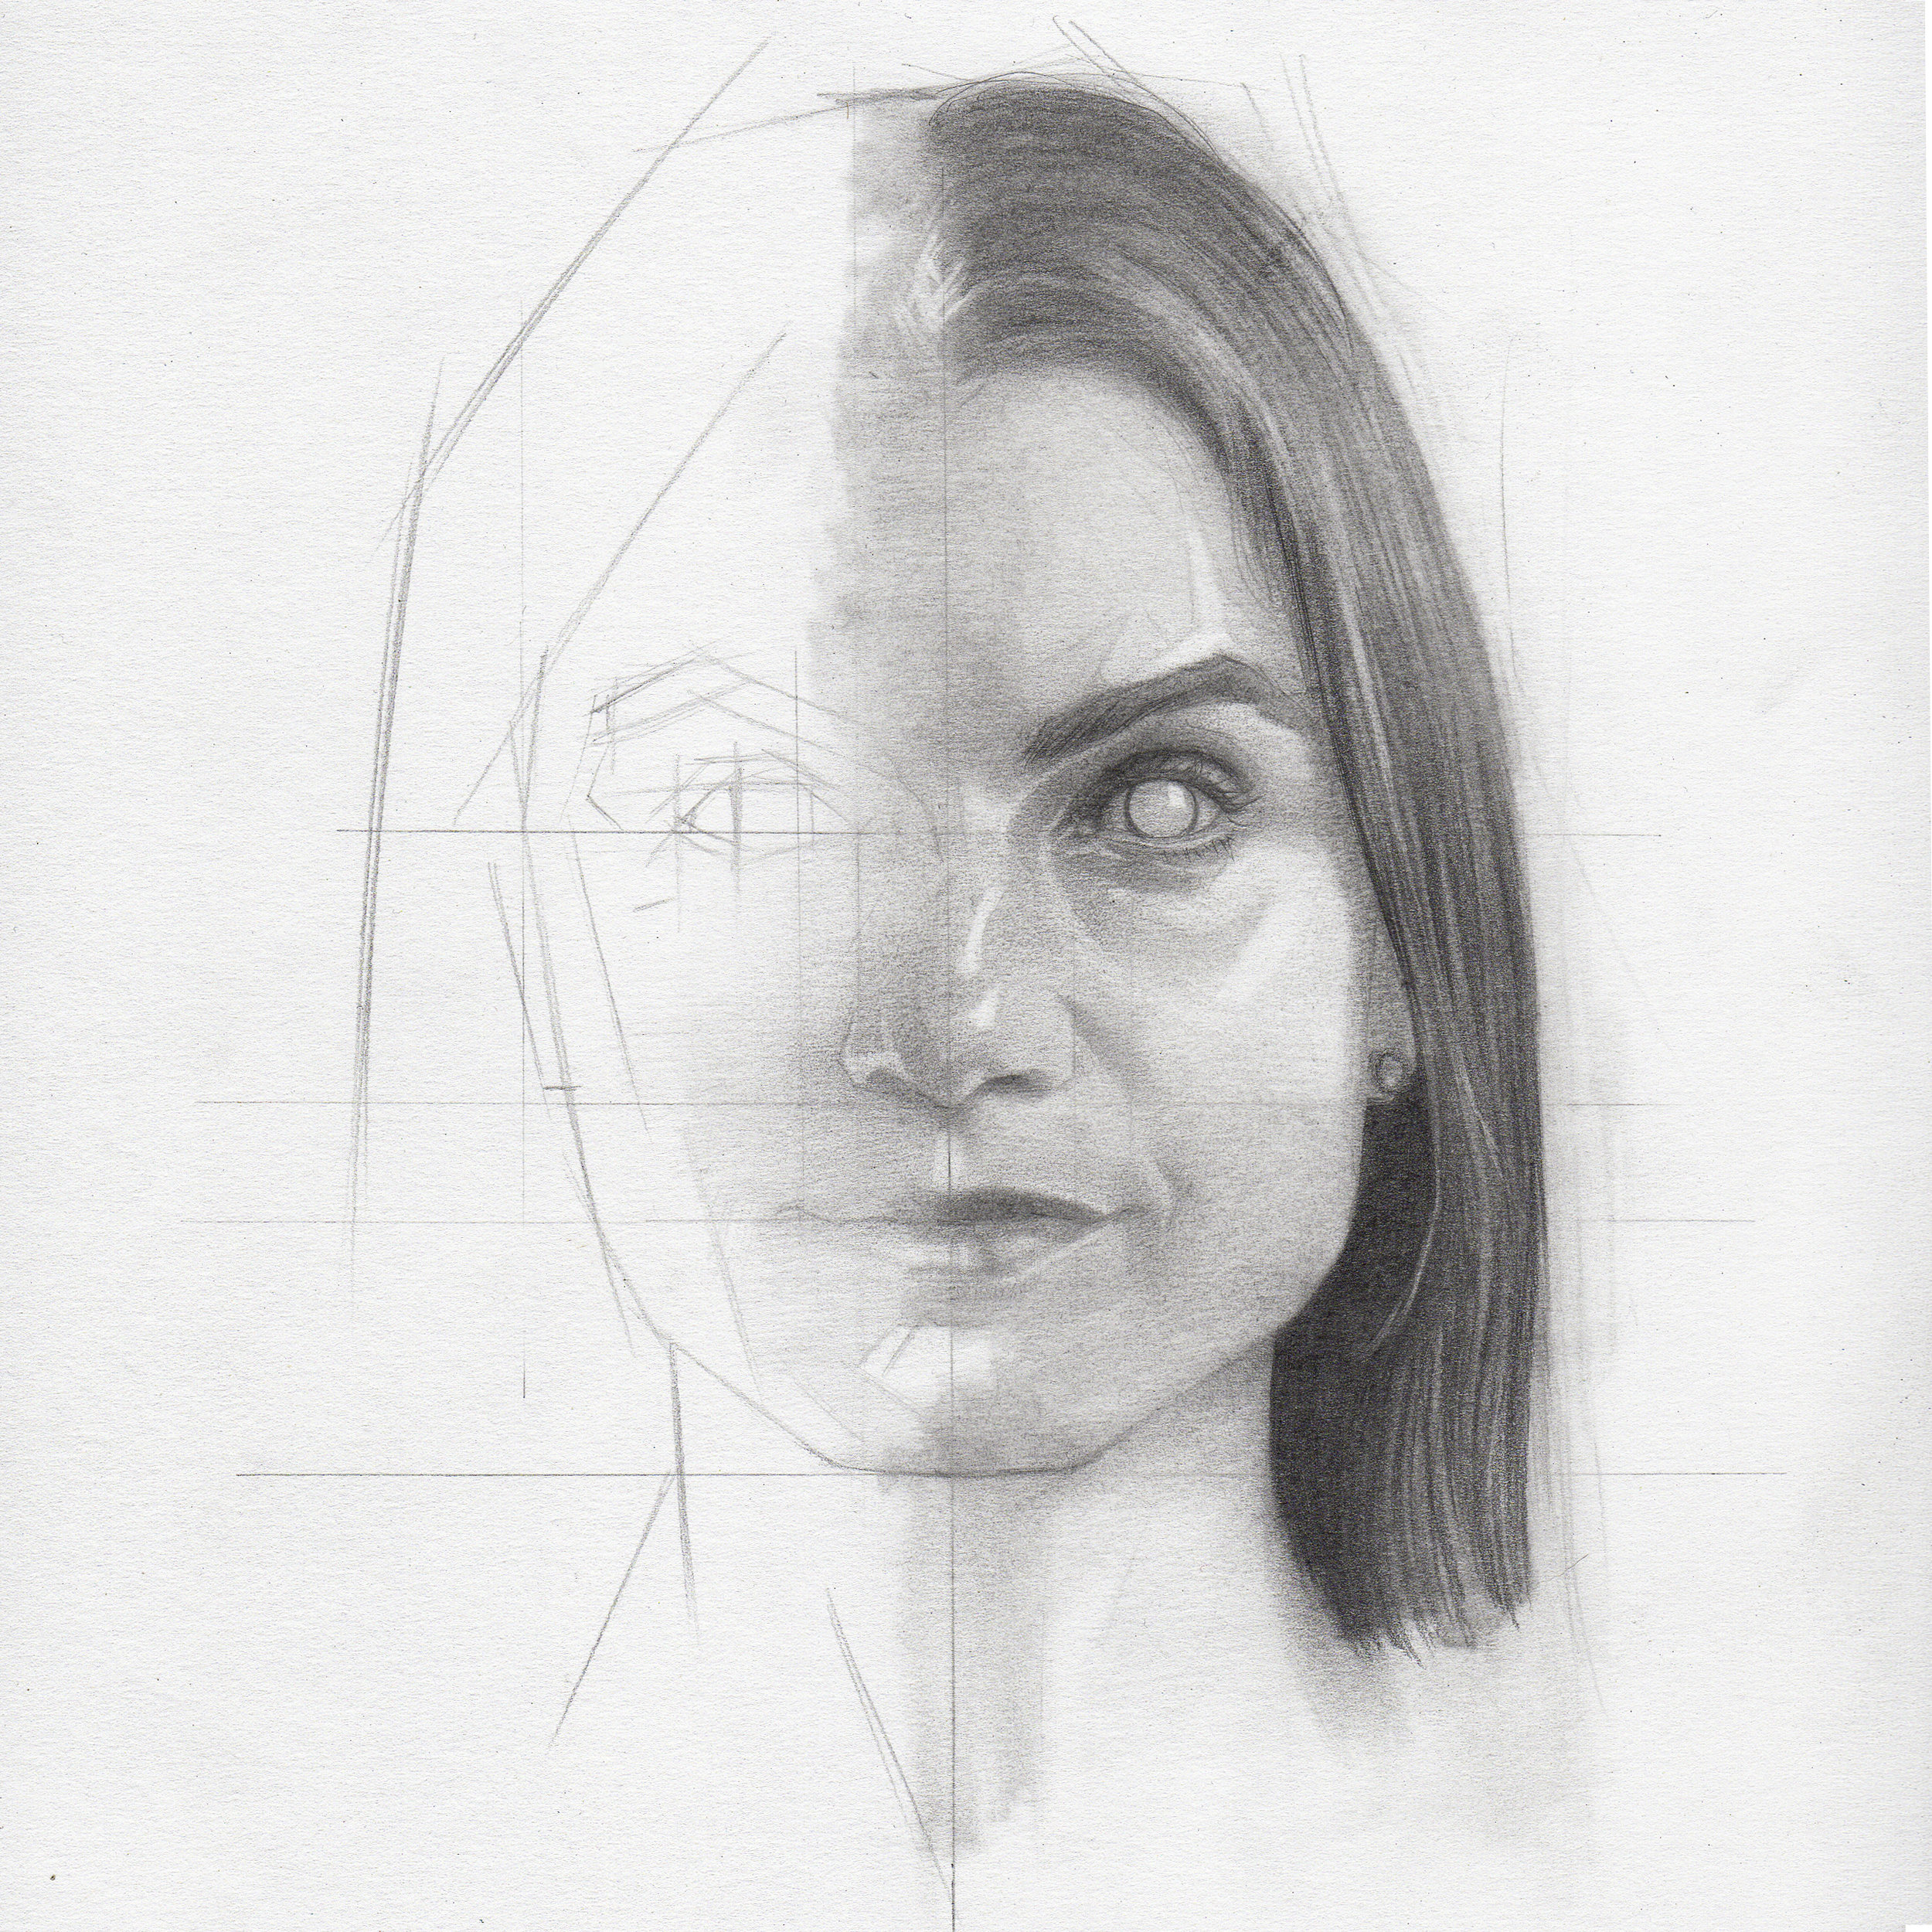 ANNIE-FRONT-STUDY.jpg